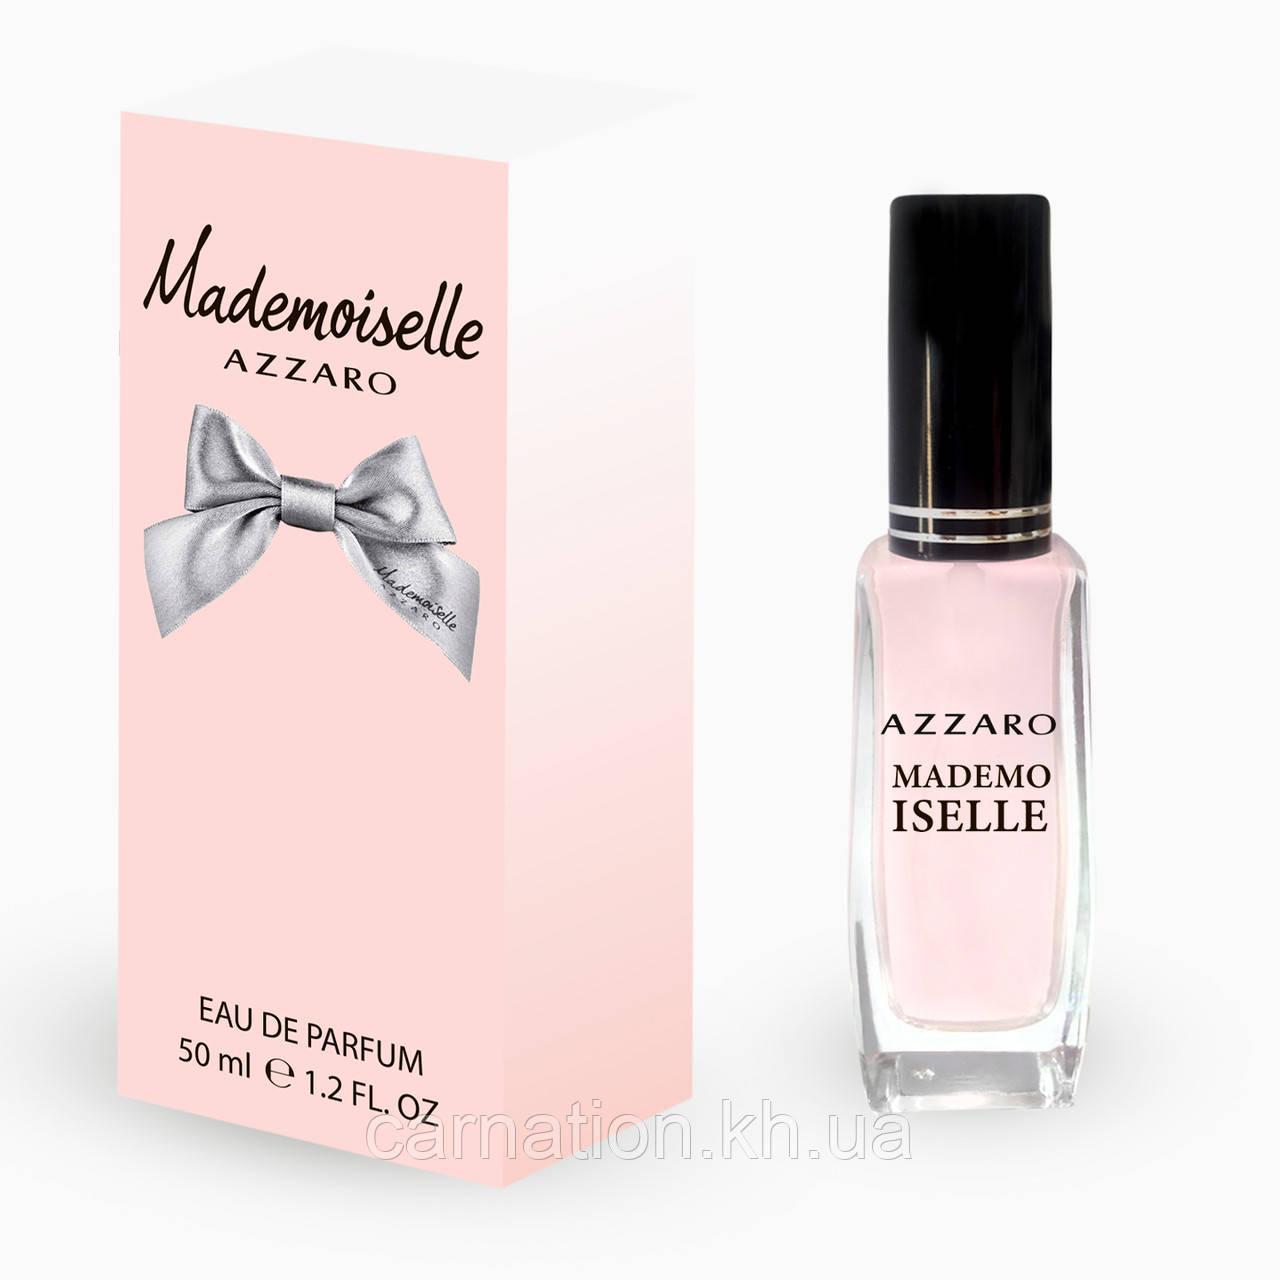 Женский мини парфюм  Azzaro Mademoiselle 50 мл